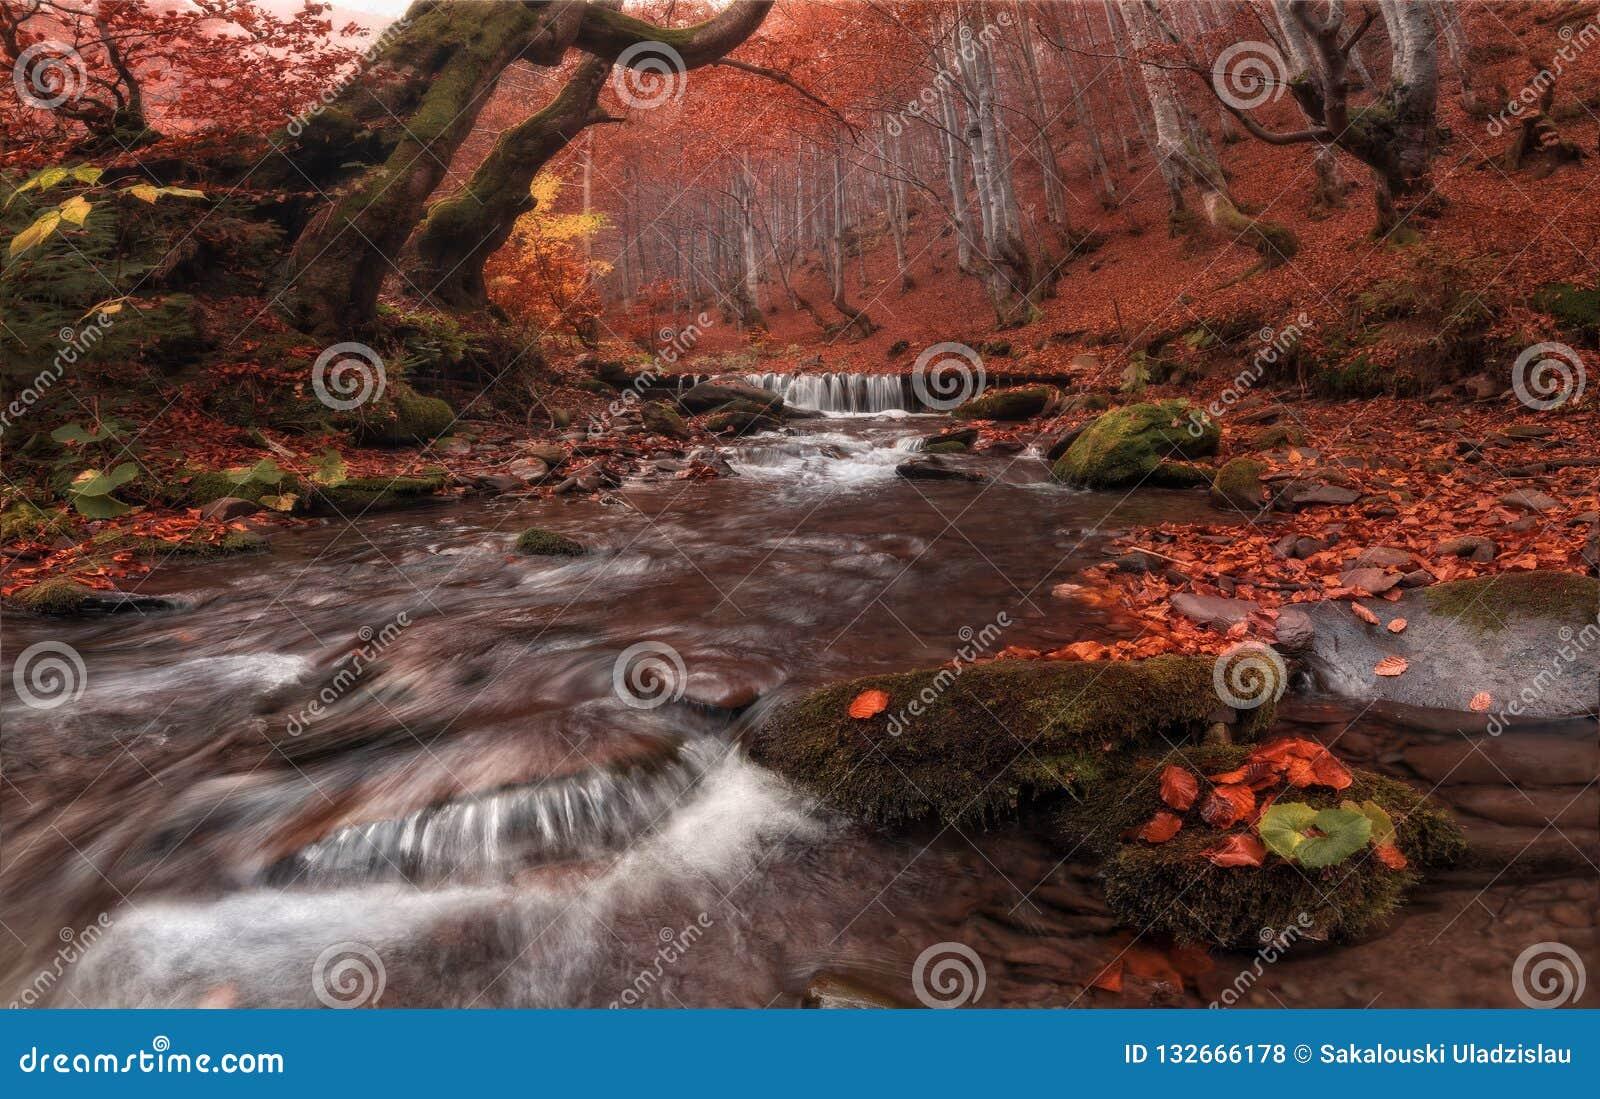 秋天小河:在红色的巨大秋天山毛榉森林风景与美丽的山小河和雾灰色森林迷惑了Autum